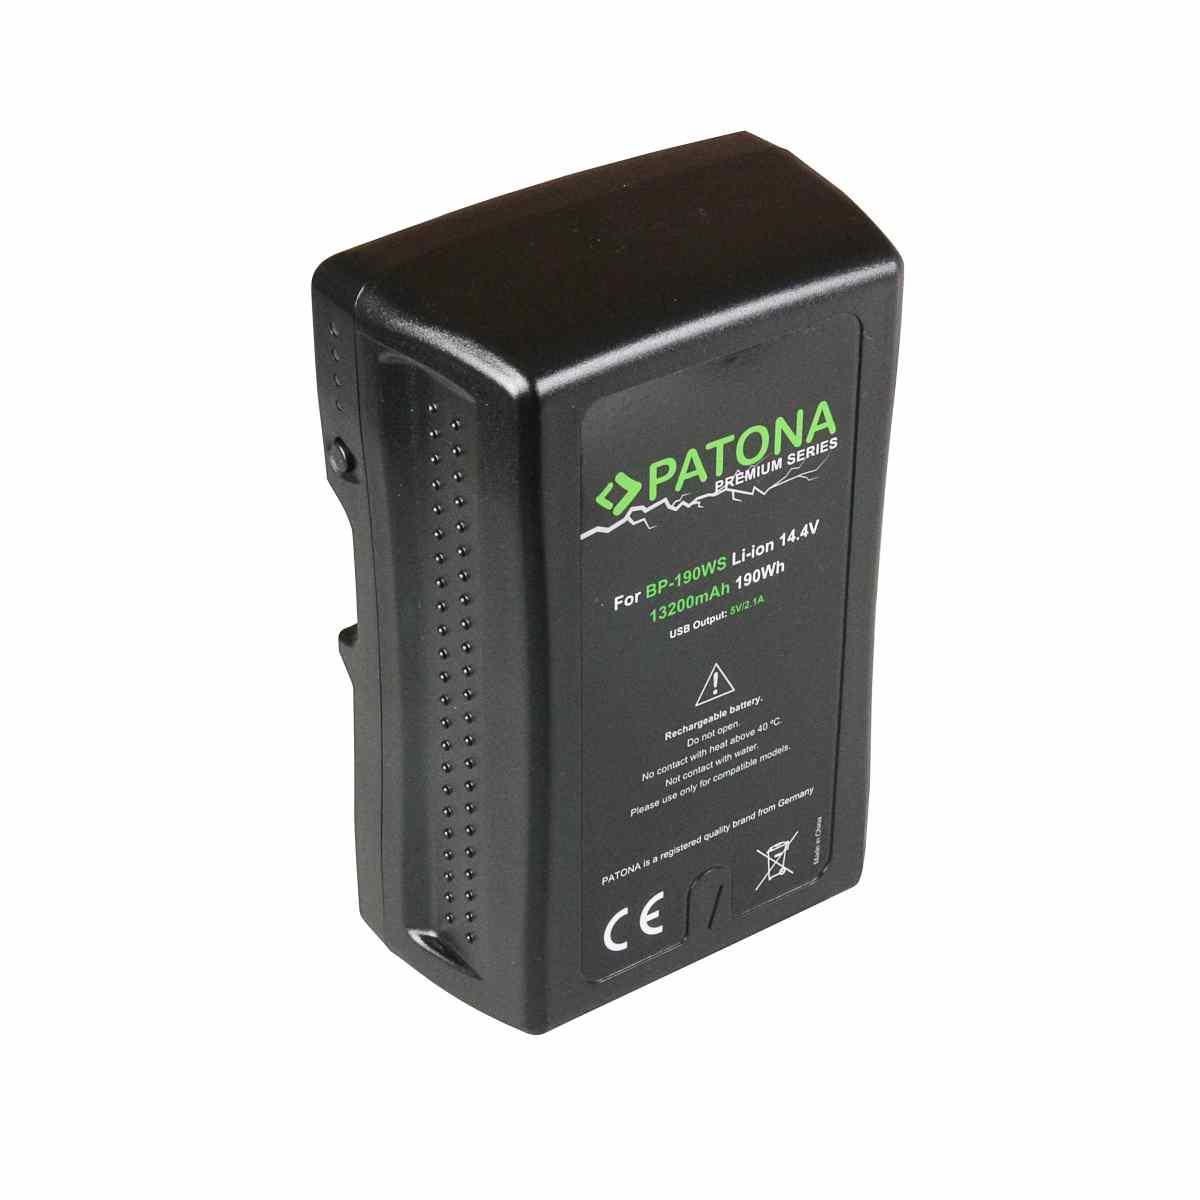 V-Mount Battery 190Wh / 14,4V / 13200mAh